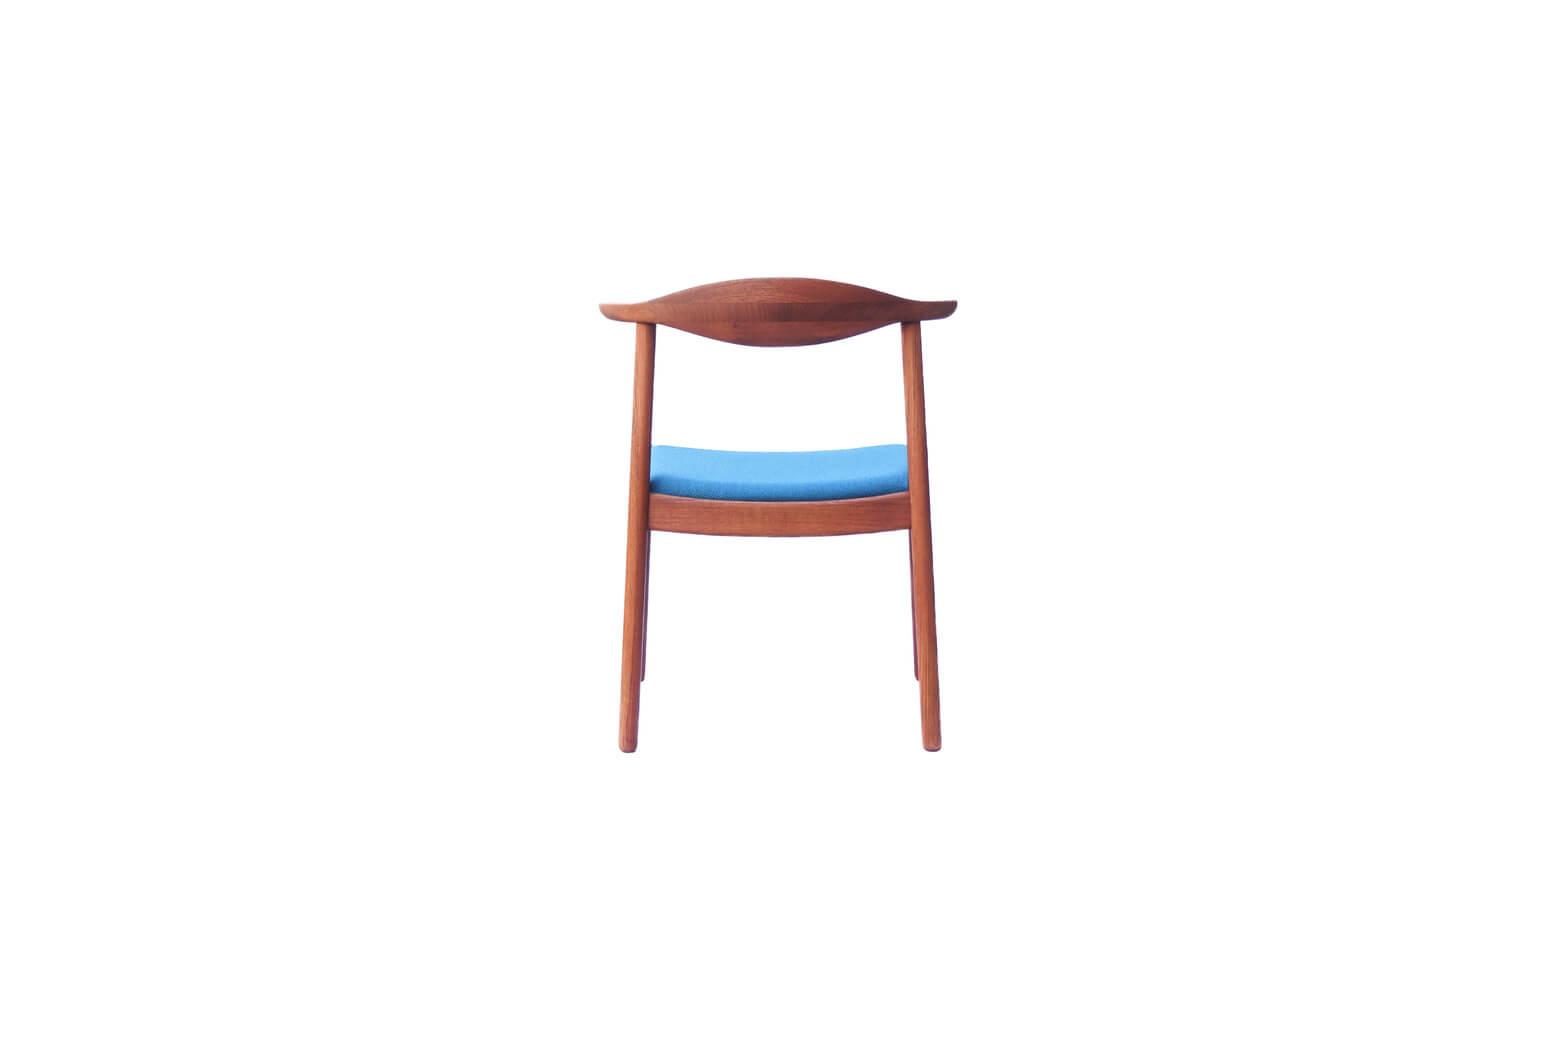 Aobayashi Seisakujo Dining Chair/青林製作所 ダイニングアームチェア チーク材 ジャパンヴィンテージ 北欧デザイン 1